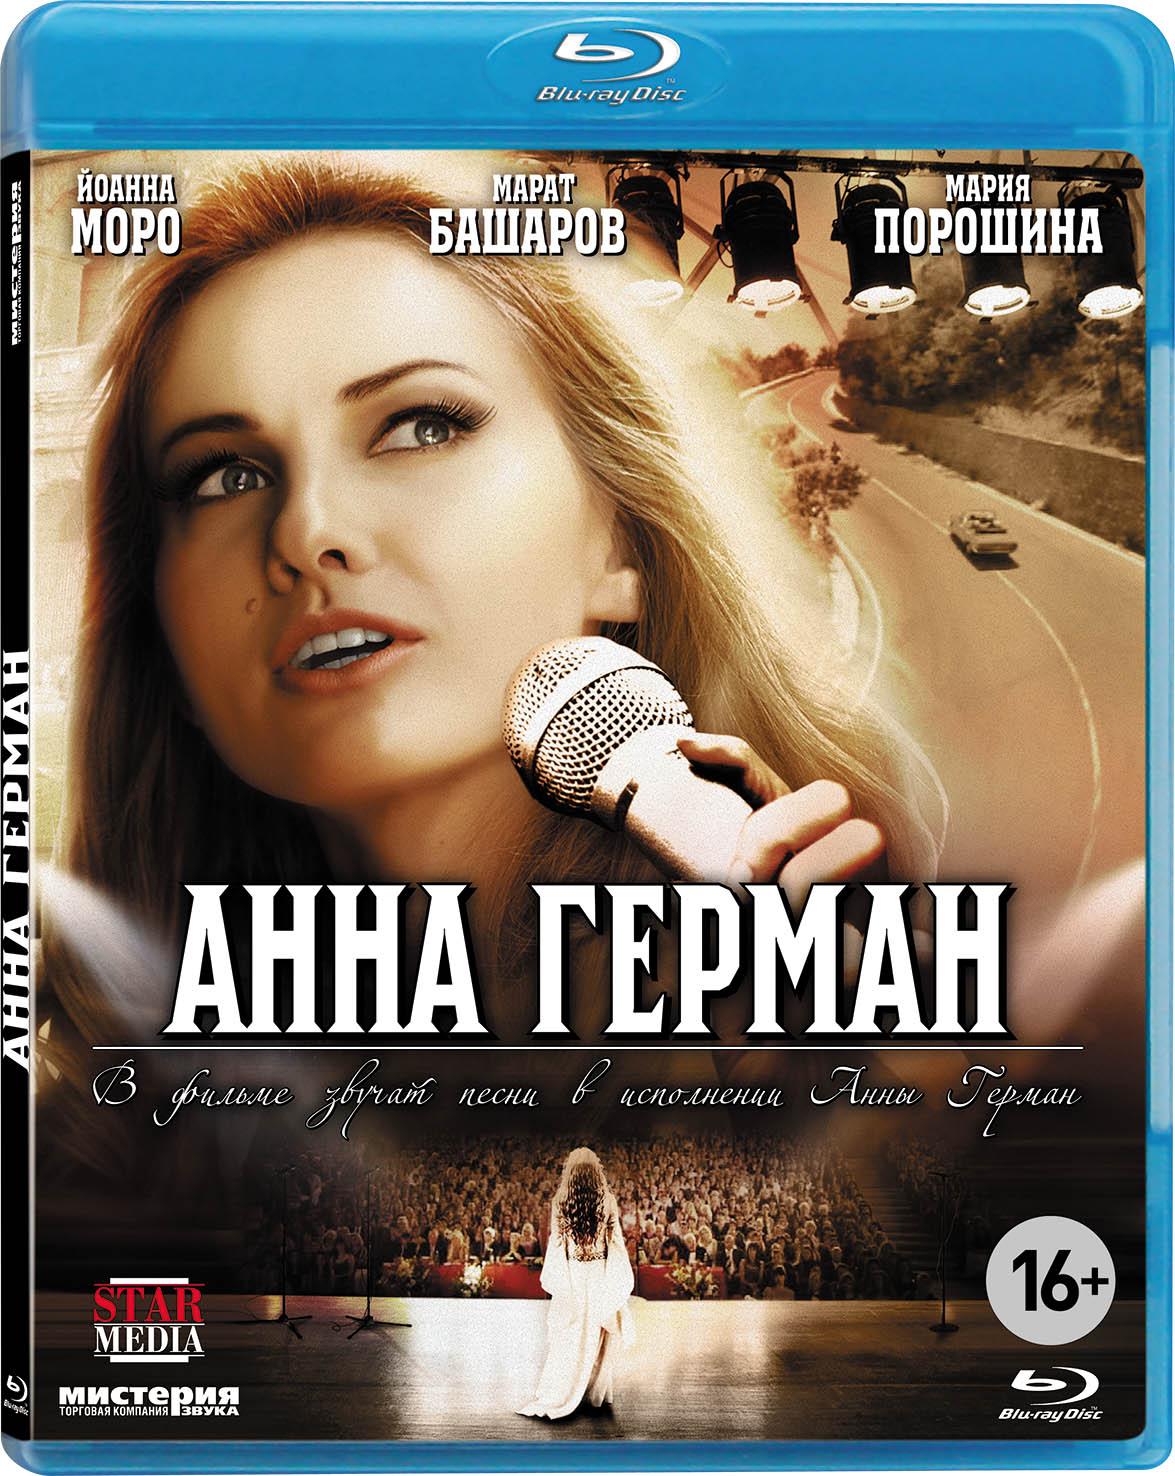 Анна Герман Тайна белого ангела (10 серий) (Blu-ray)